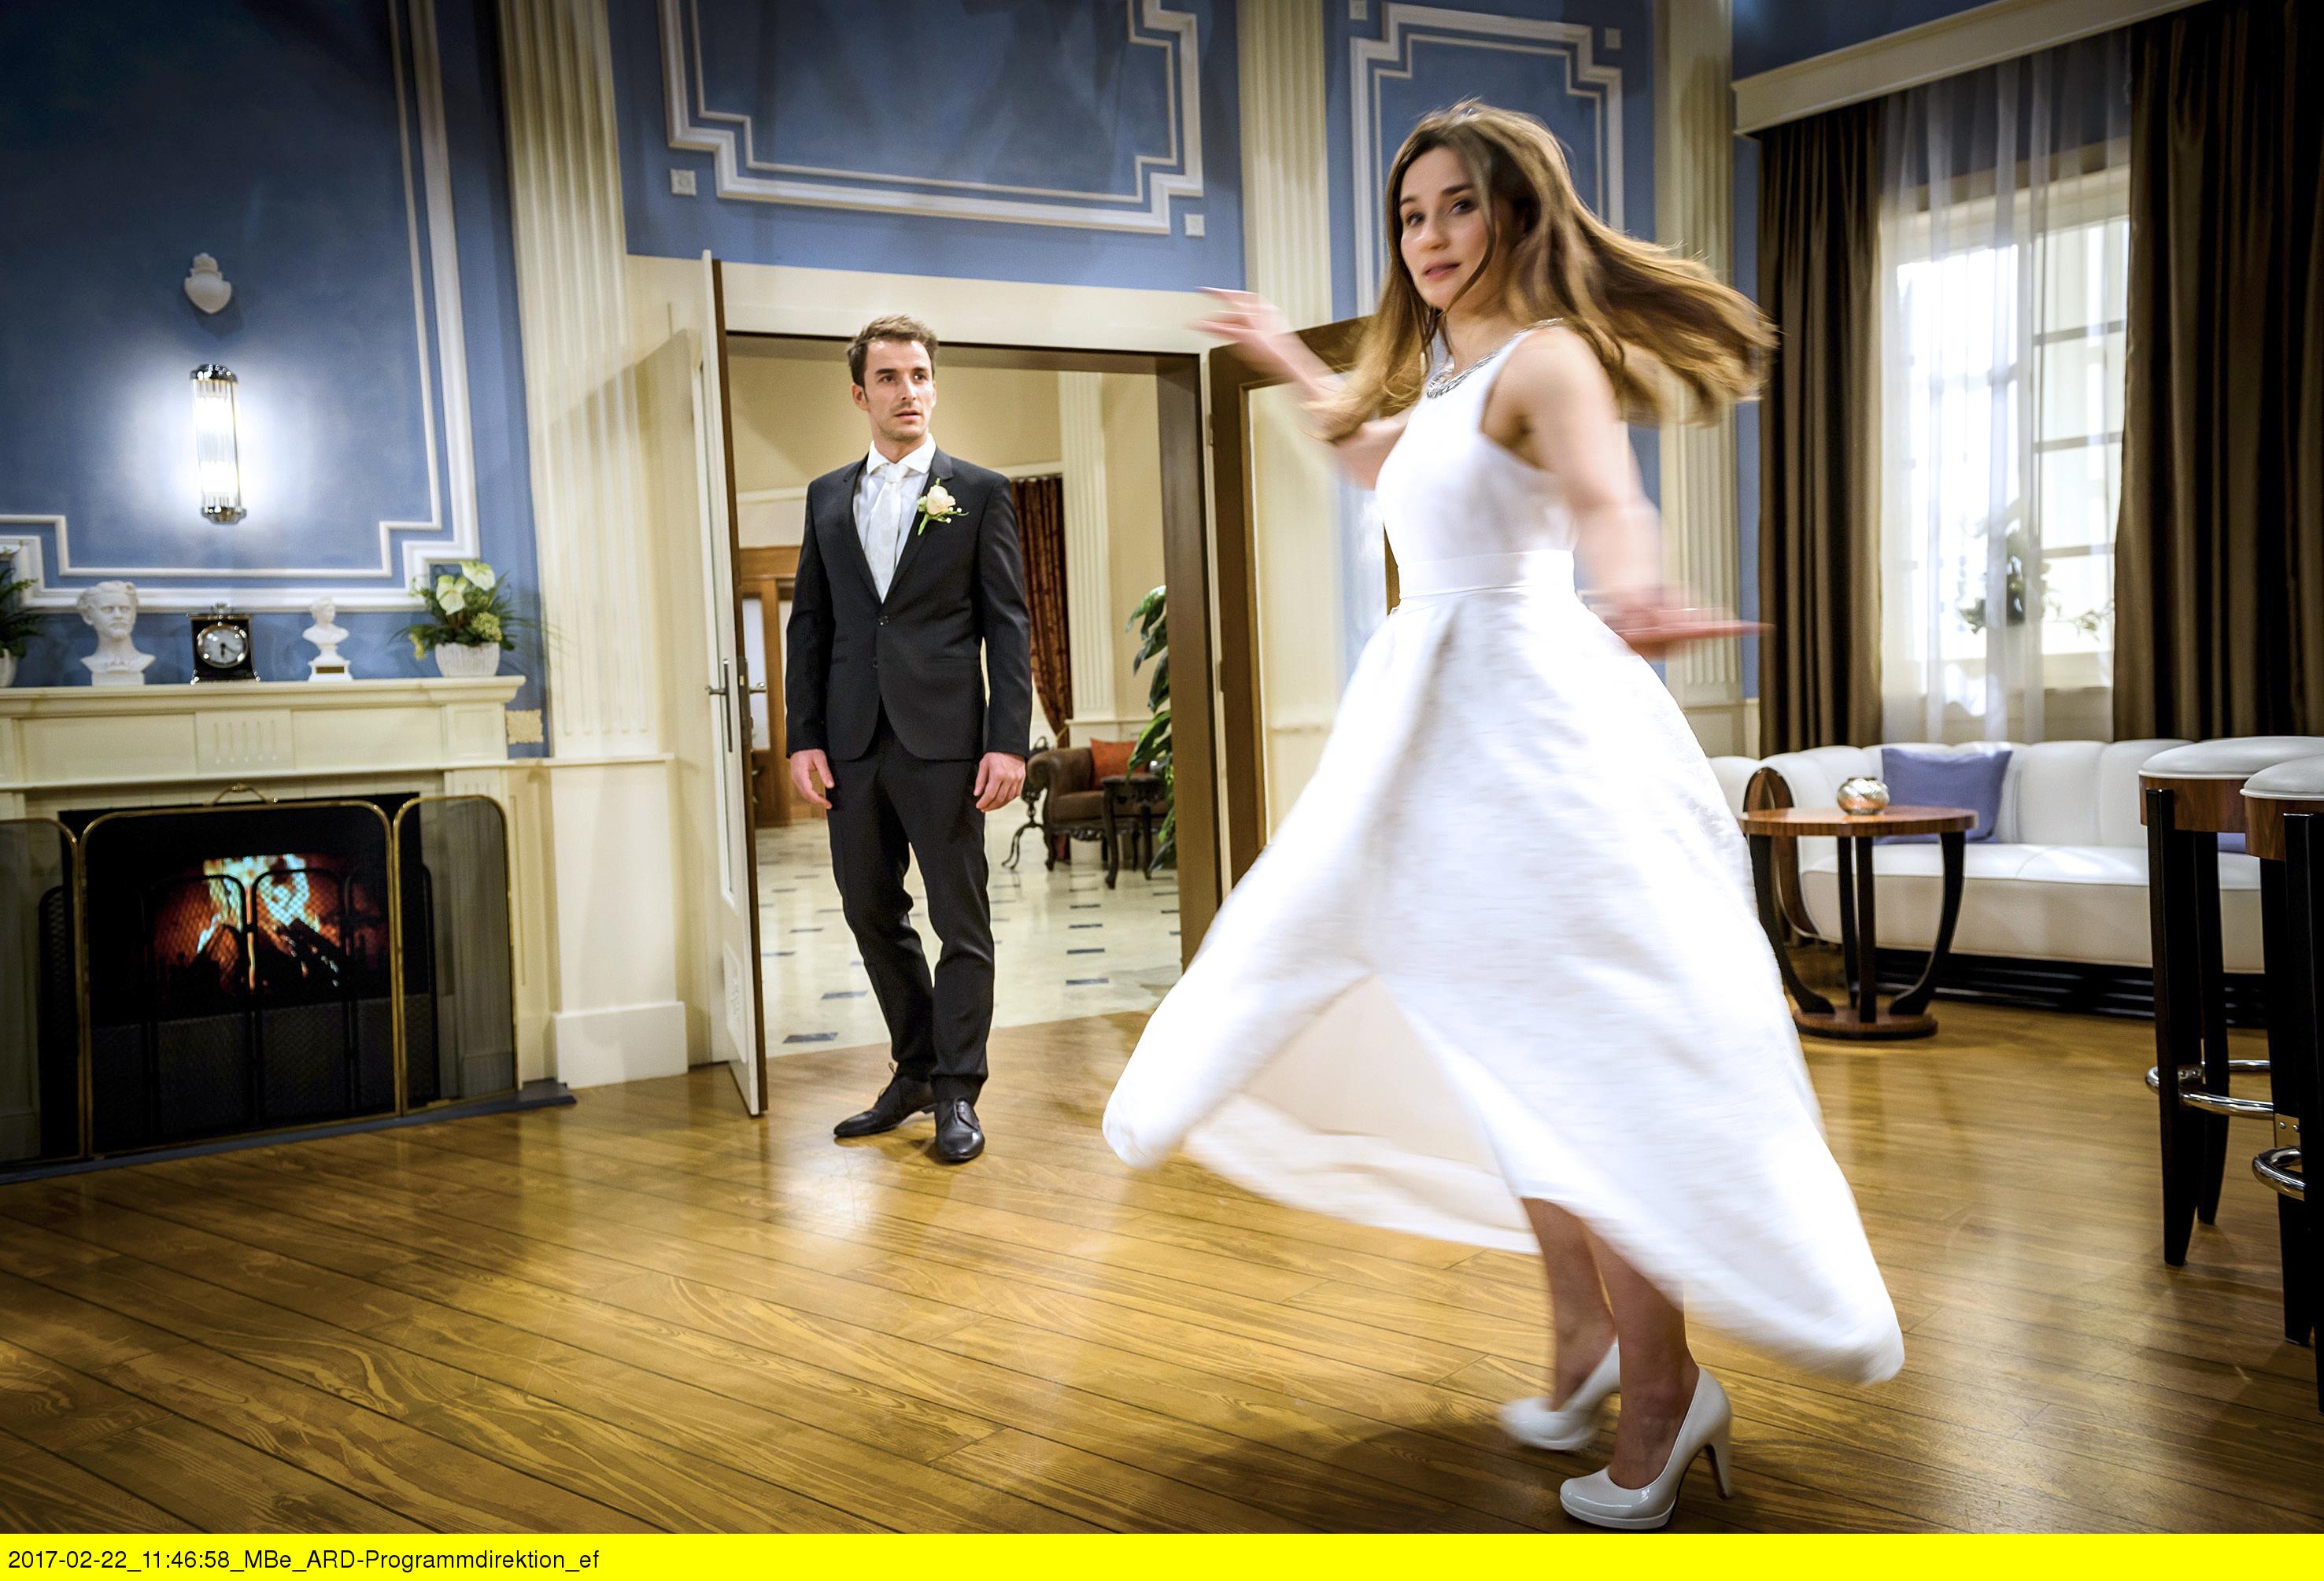 ARD STURM DER LIEBE FOLGE 2664, am Freitag (07.04.17) um 15:10 Uhr im ERSTEN. Im Traum wird Clara (Jeannine Wacker, r.) von Adrian (Max Alberti, l.) angefleht, ihn, anstatt William zu heiraten. (Quelle: ARD/Christof Anrold)